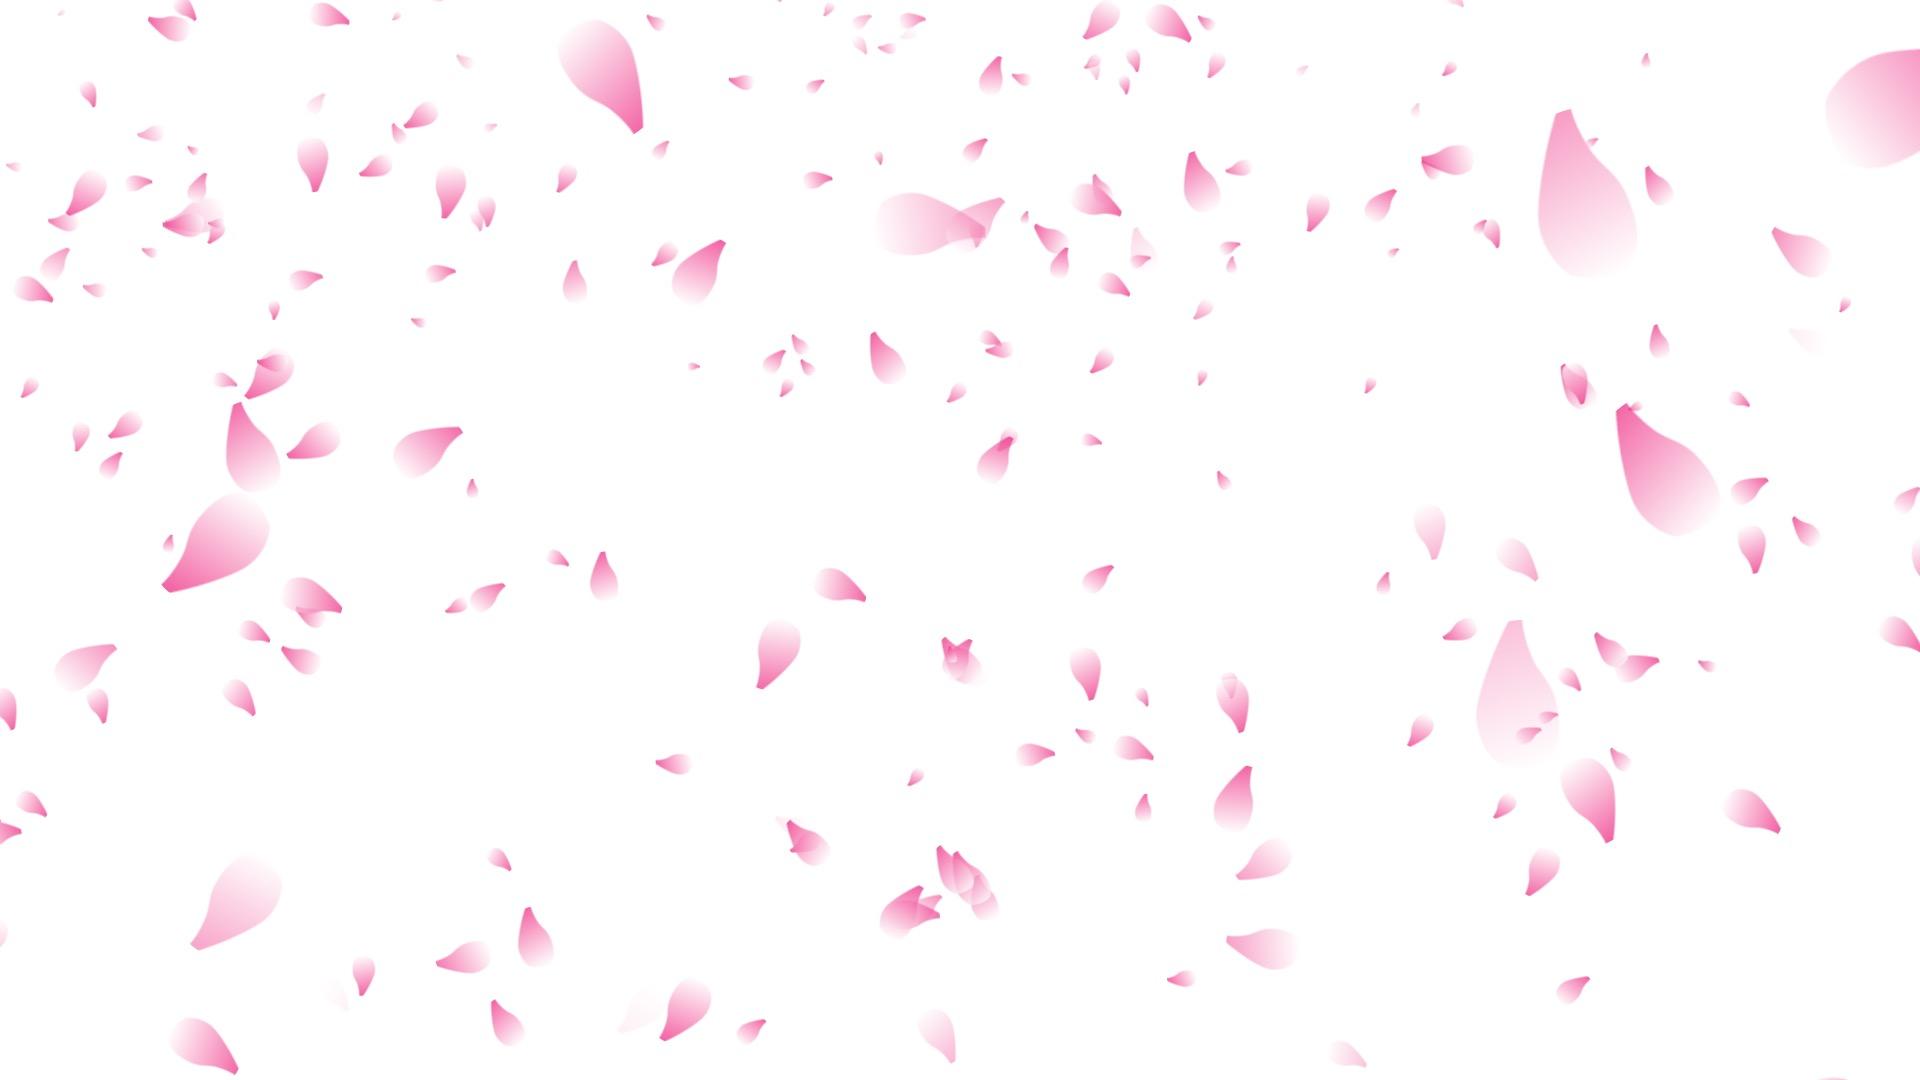 桜が降る背景動画